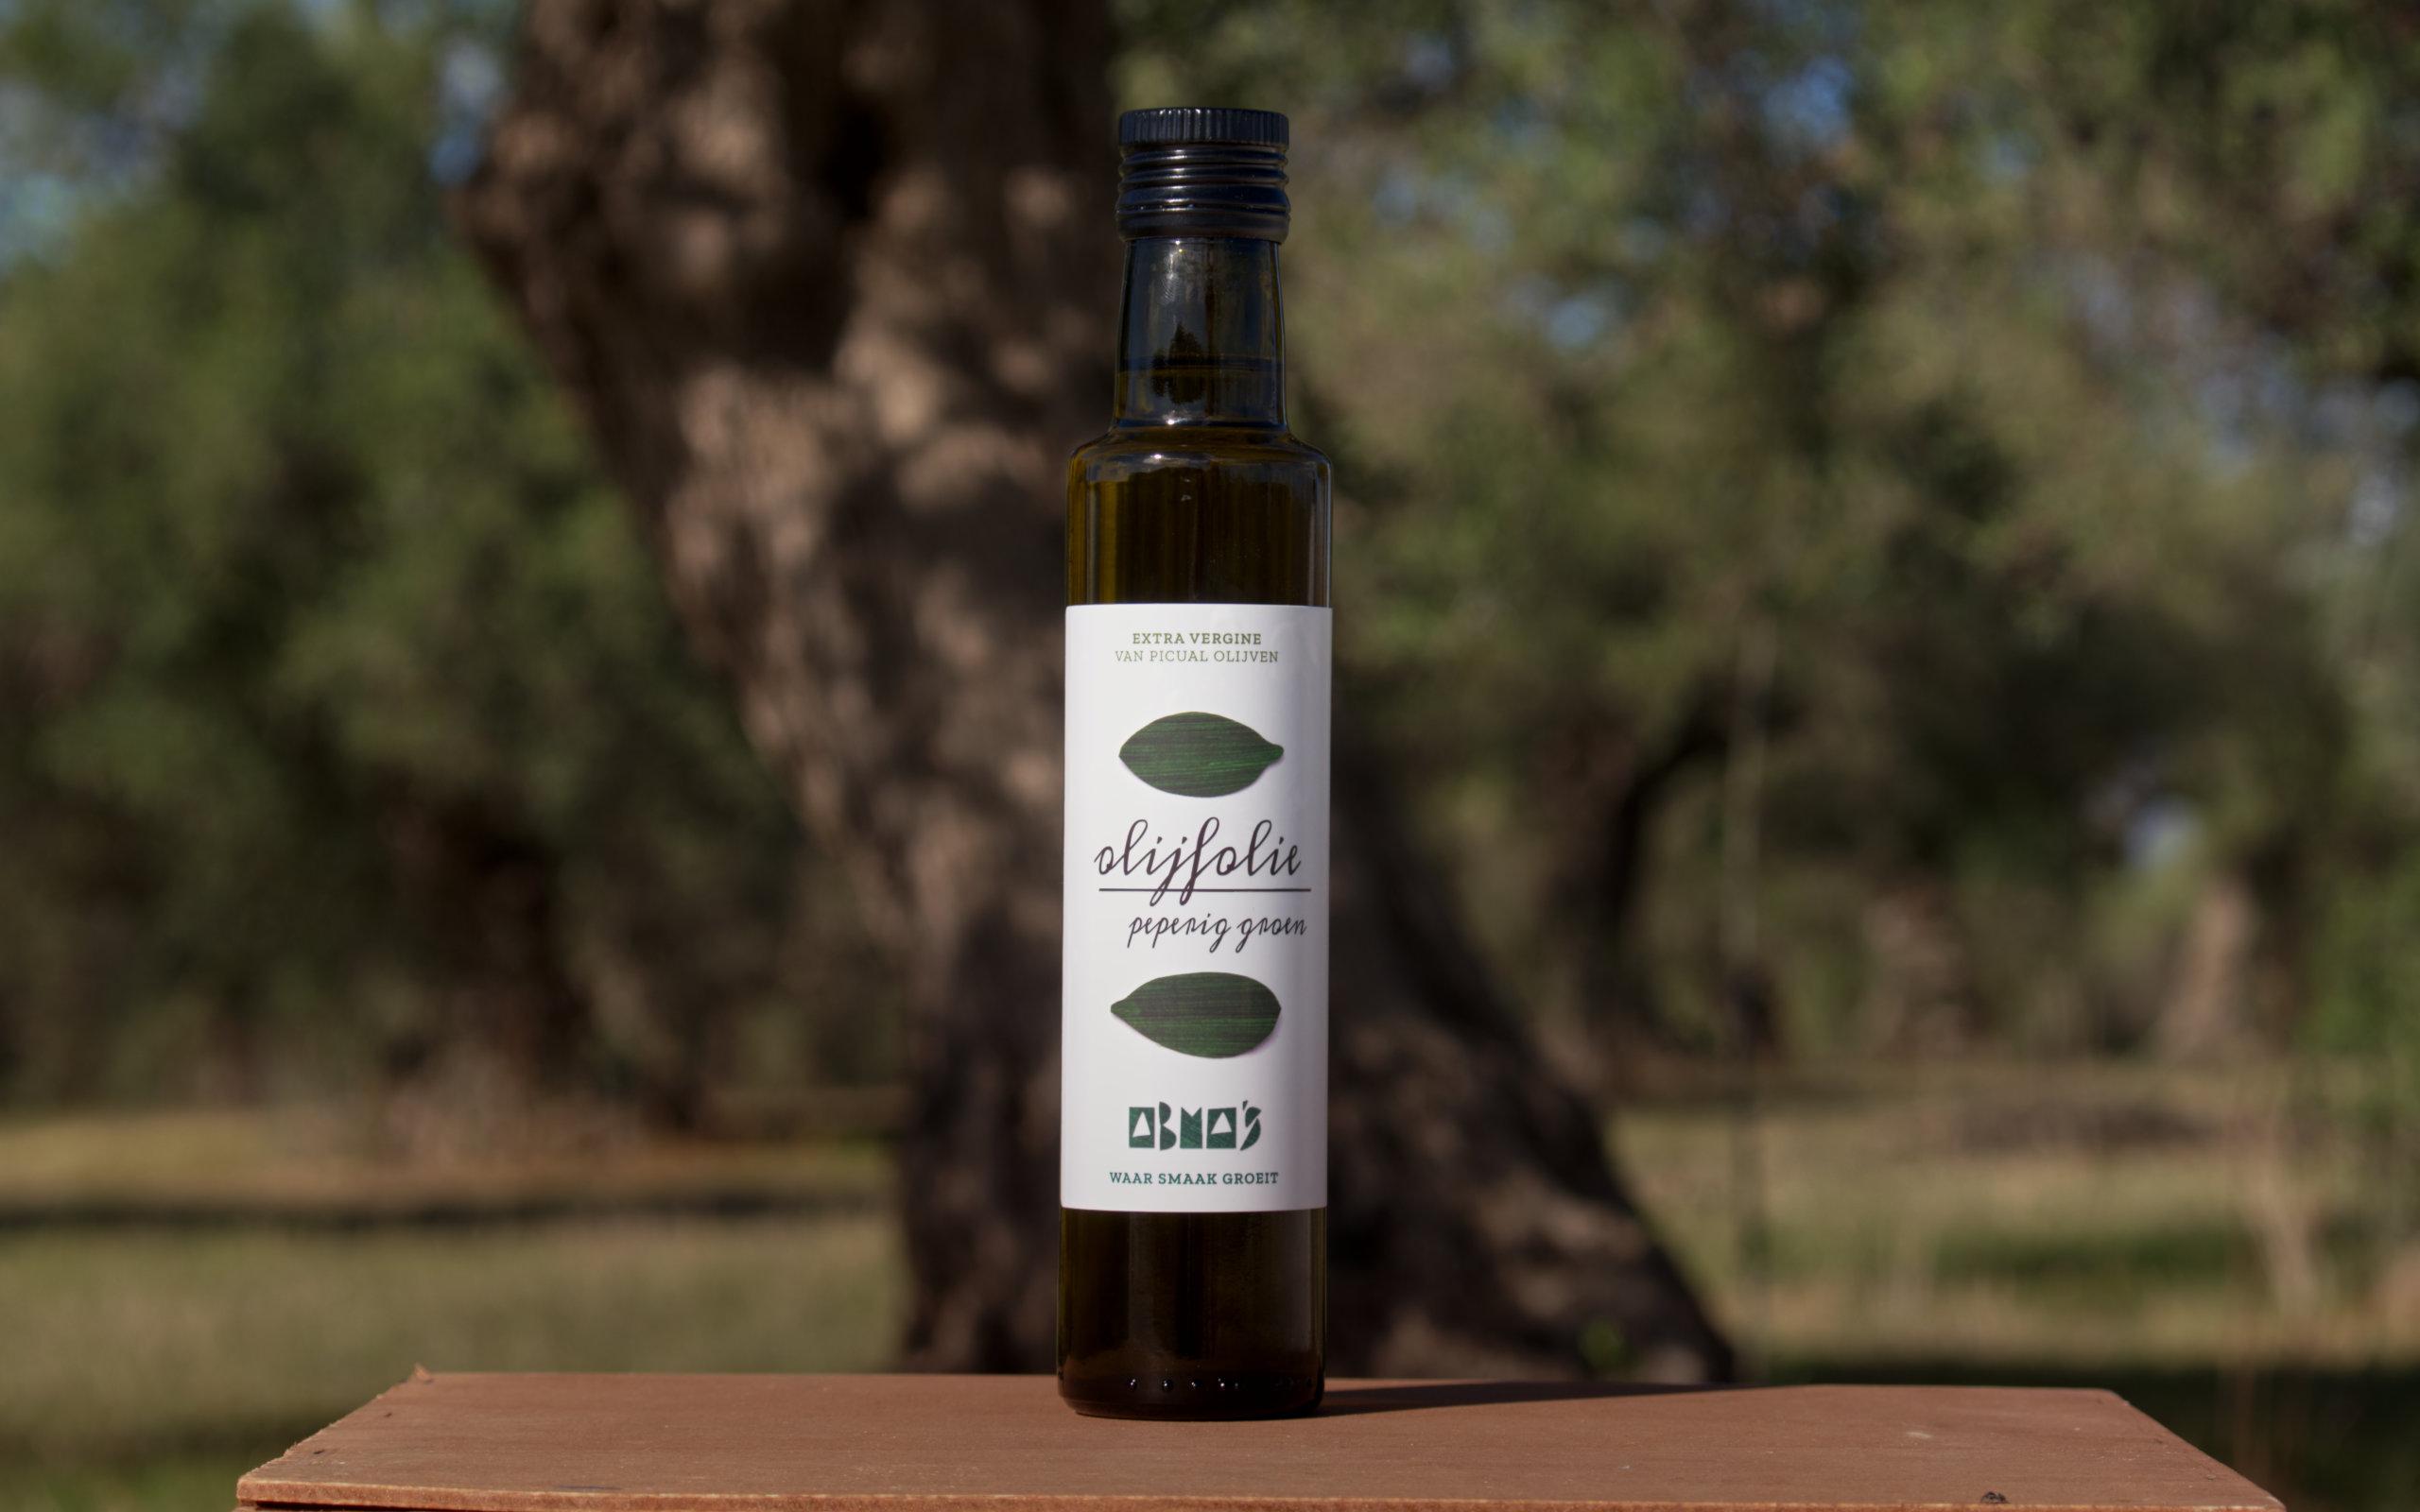 Abma's olijfolie peperig groen